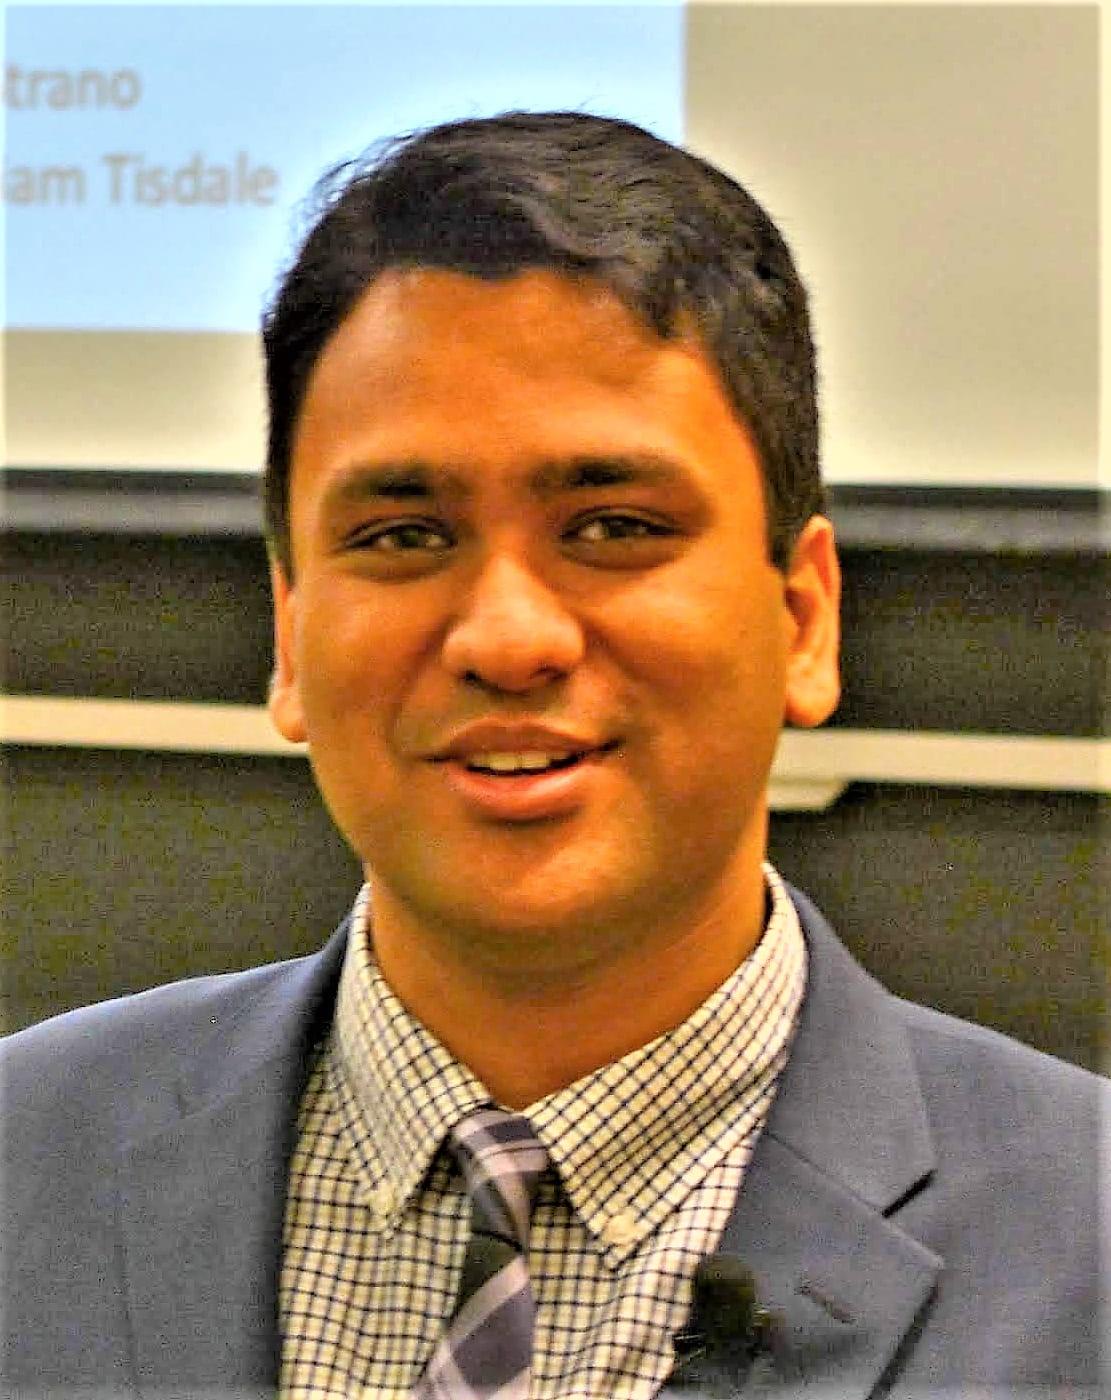 Dr. Ananth Govind Rajan